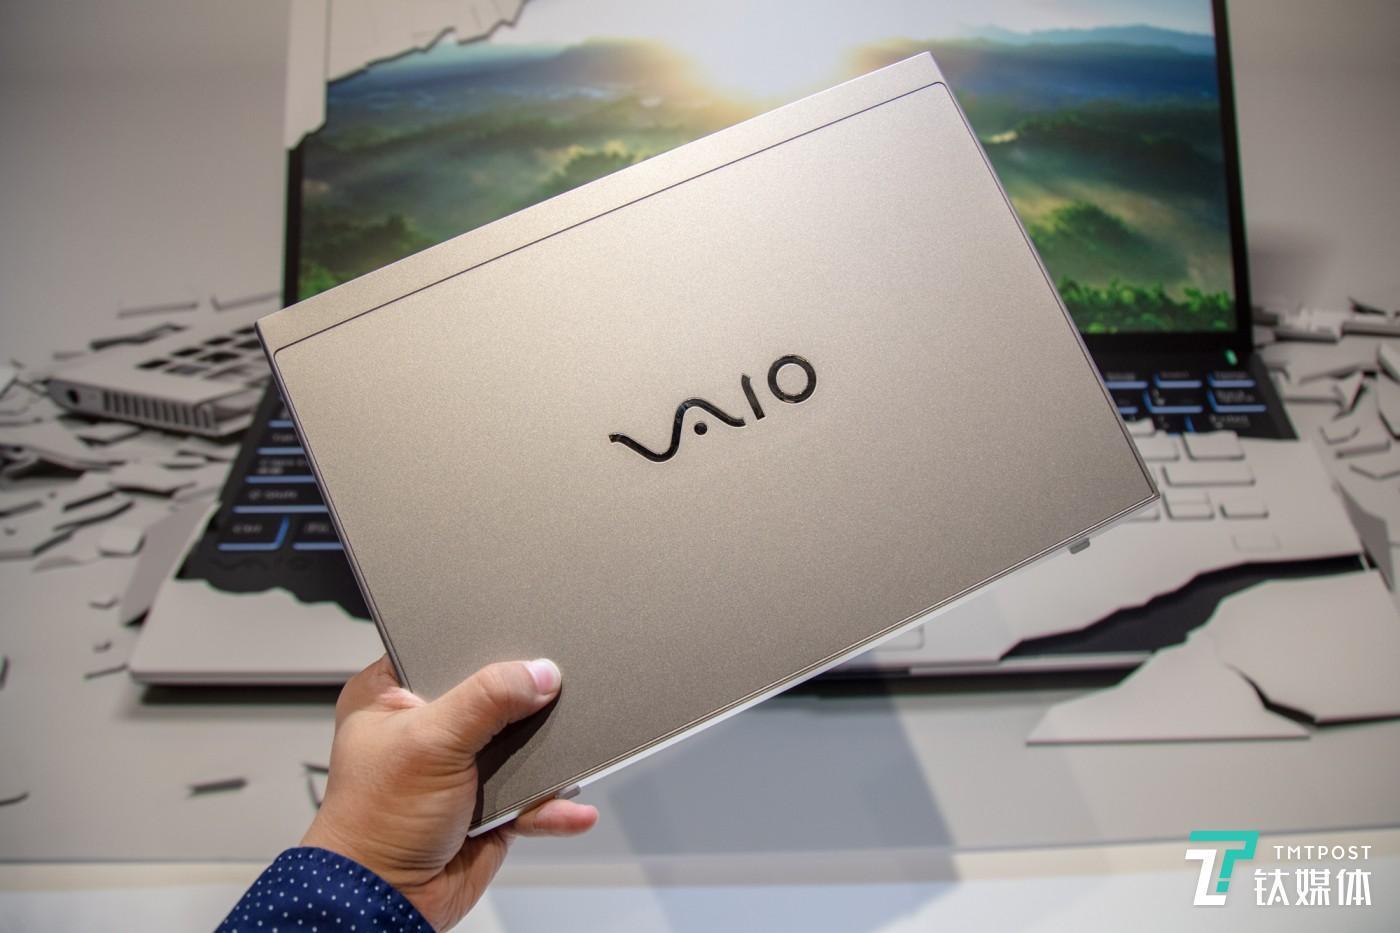 轻薄与性能兼得,笔记本电脑进入1Kg时代 | 钛度实验室